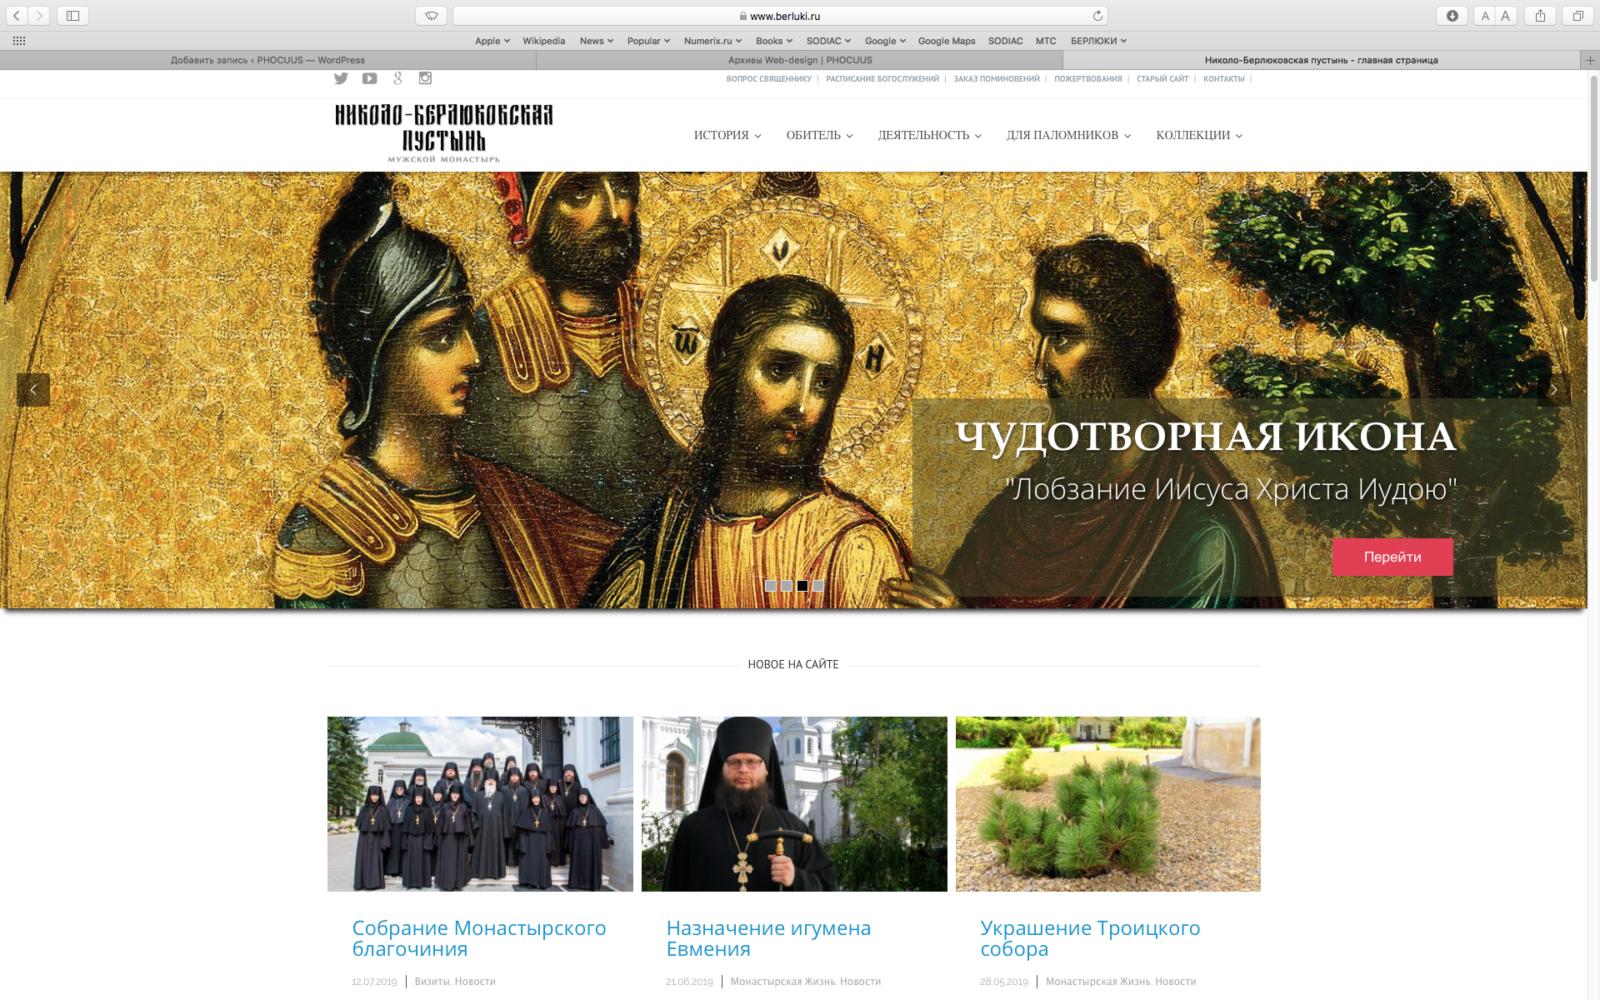 Веб-сайт Николо-Берлюковской пустыни